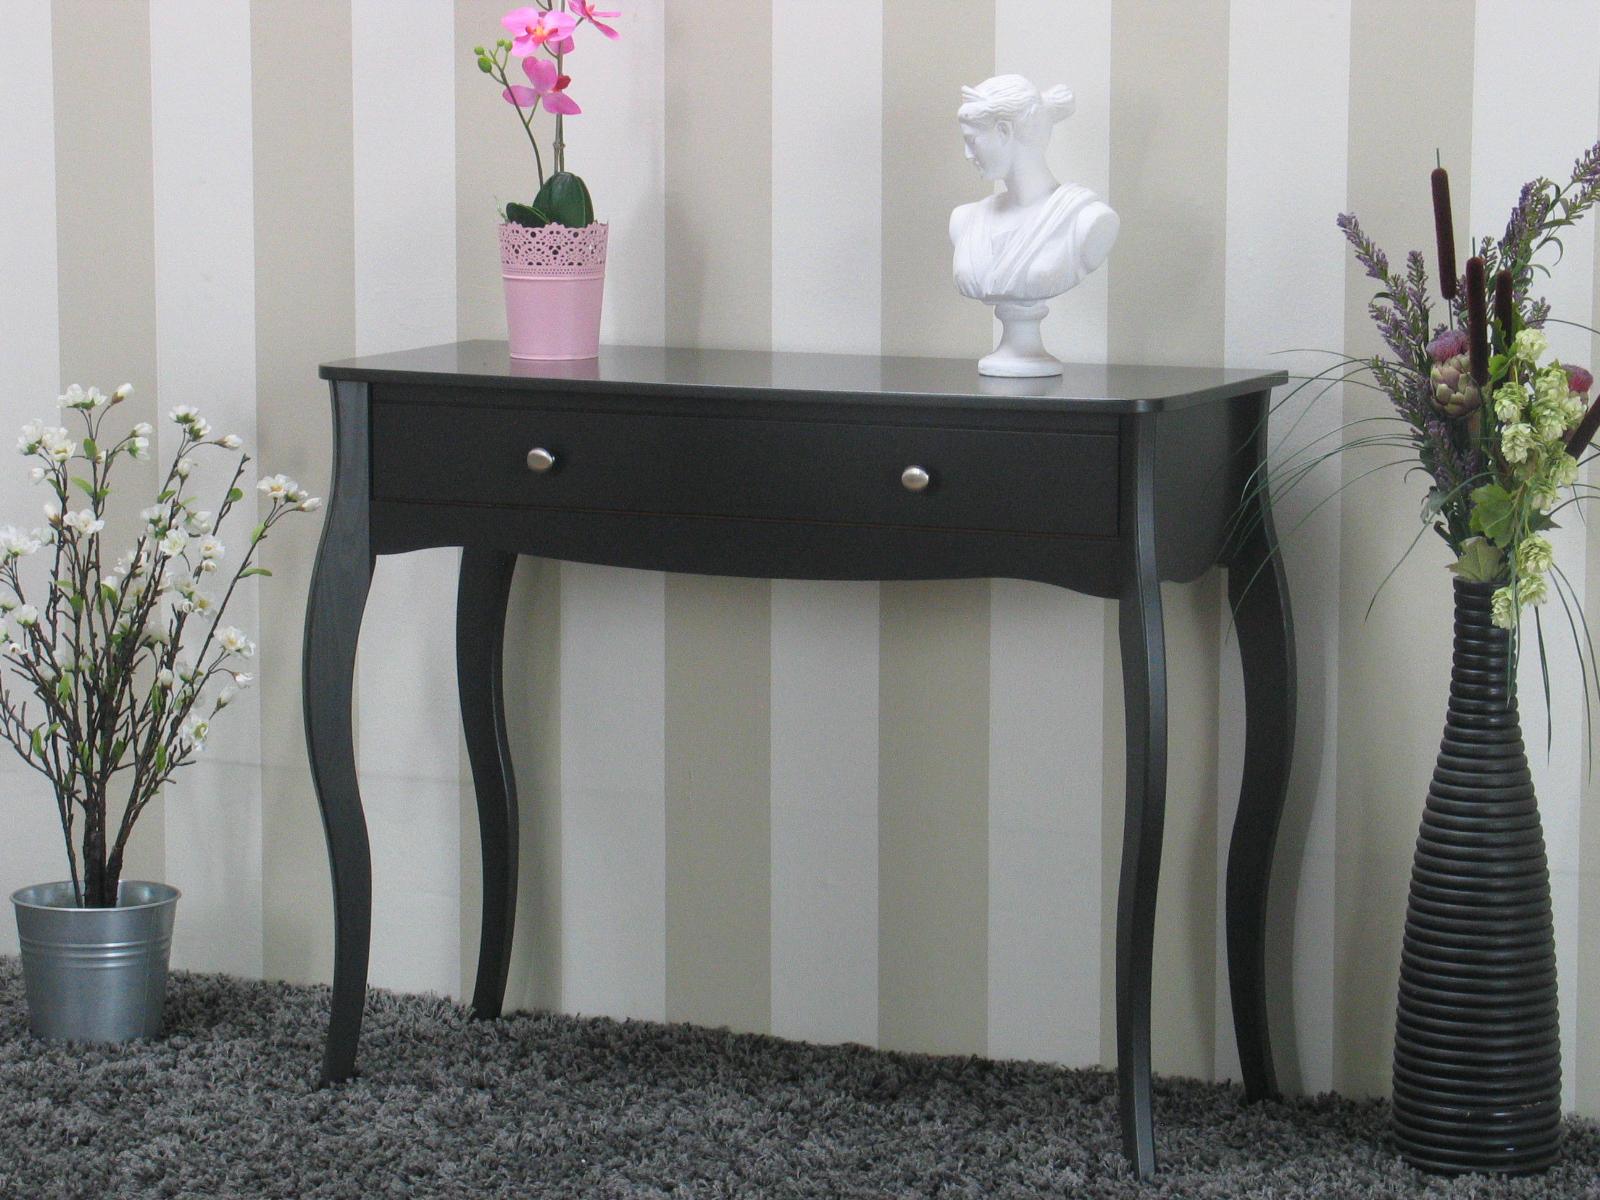 baroque konsolentisch mit 1 schublade in grau bestellen sie hier. Black Bedroom Furniture Sets. Home Design Ideas